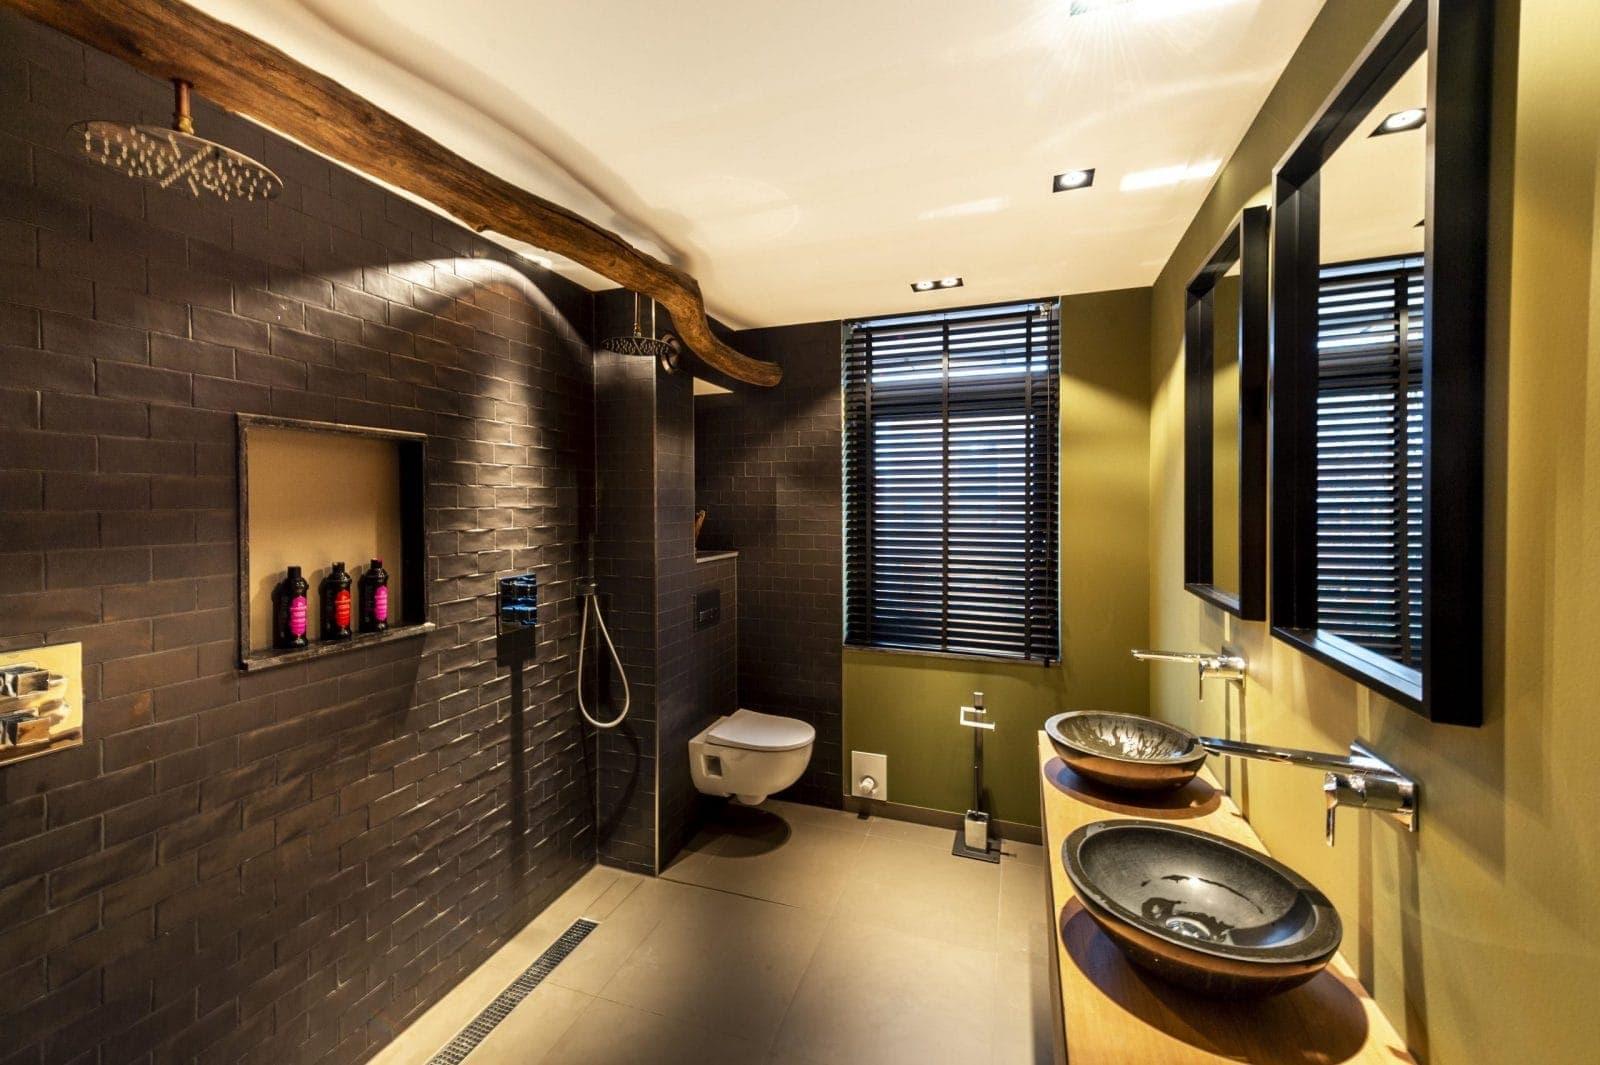 Badkamer op maat laten maken in Barendrecht